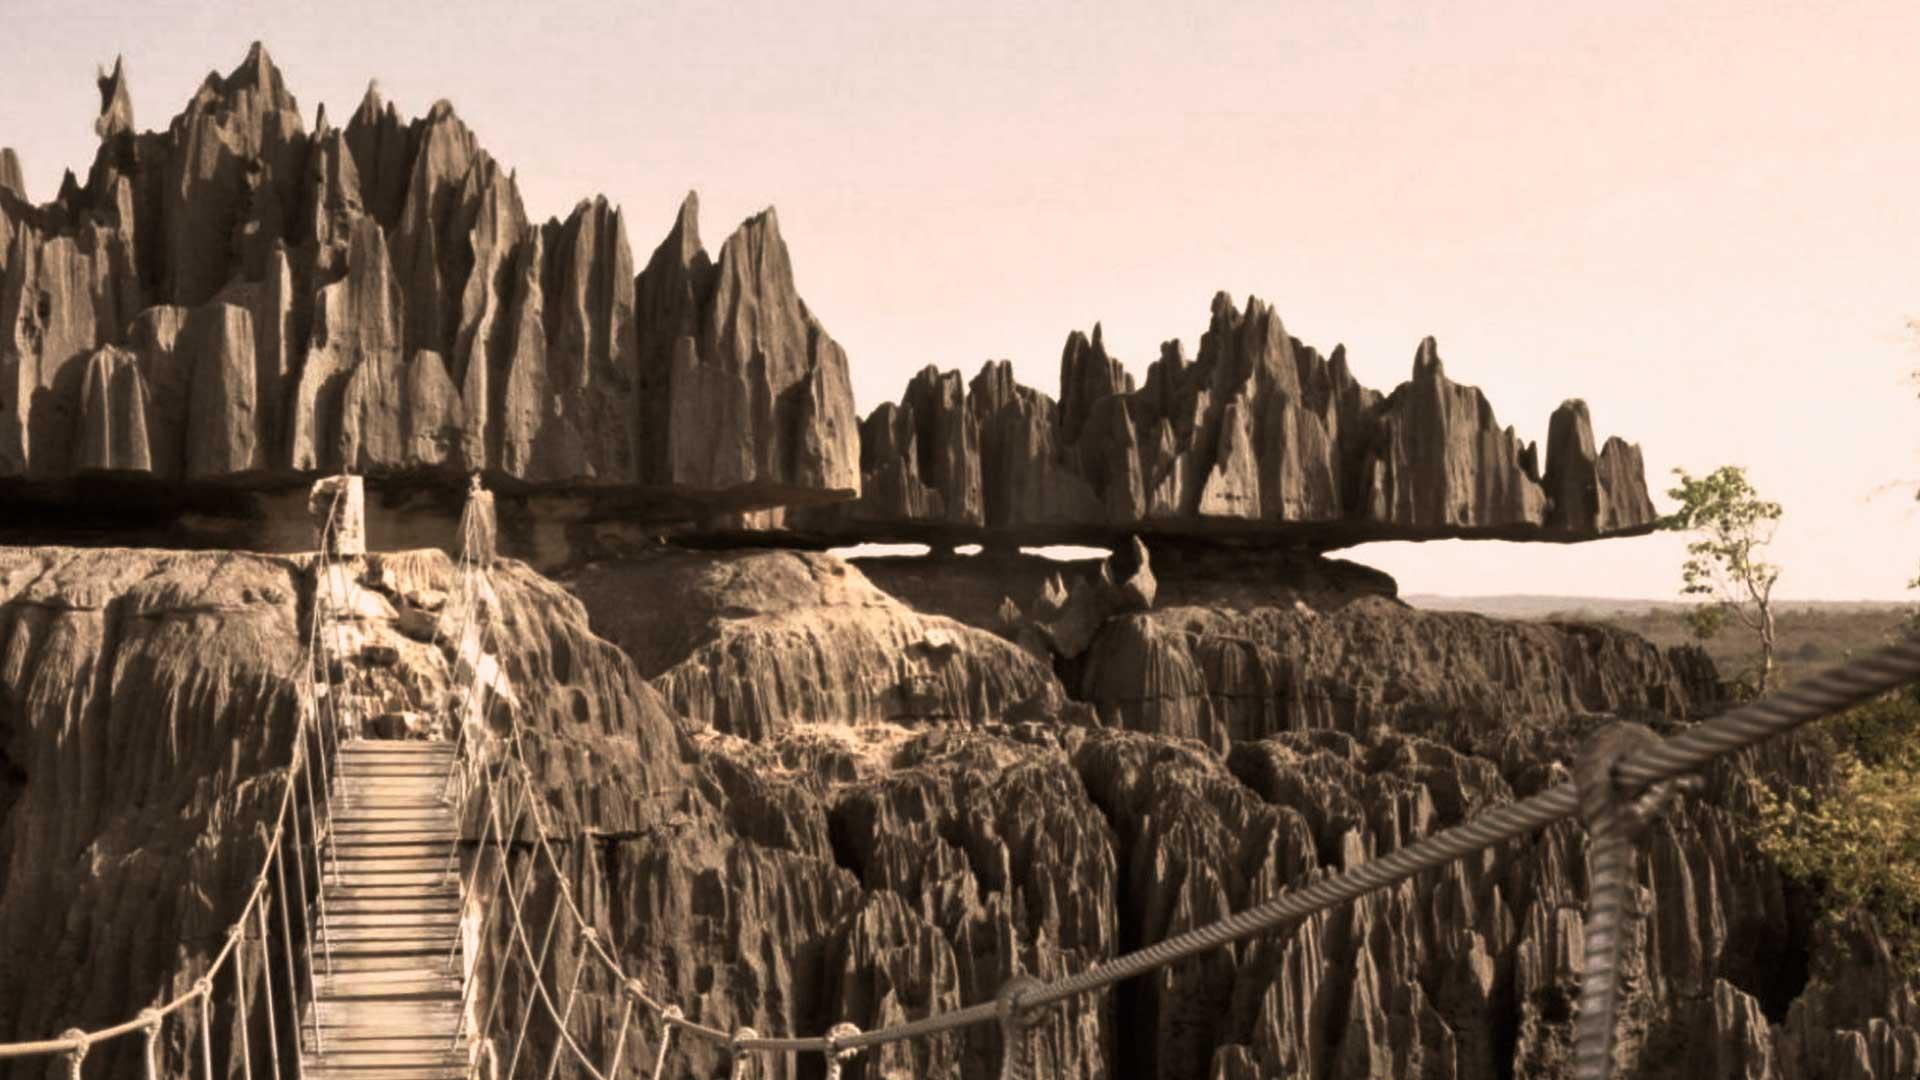 El Misterio de las Rocas Flotantes de Madagascar. Increíble paraje «natural»